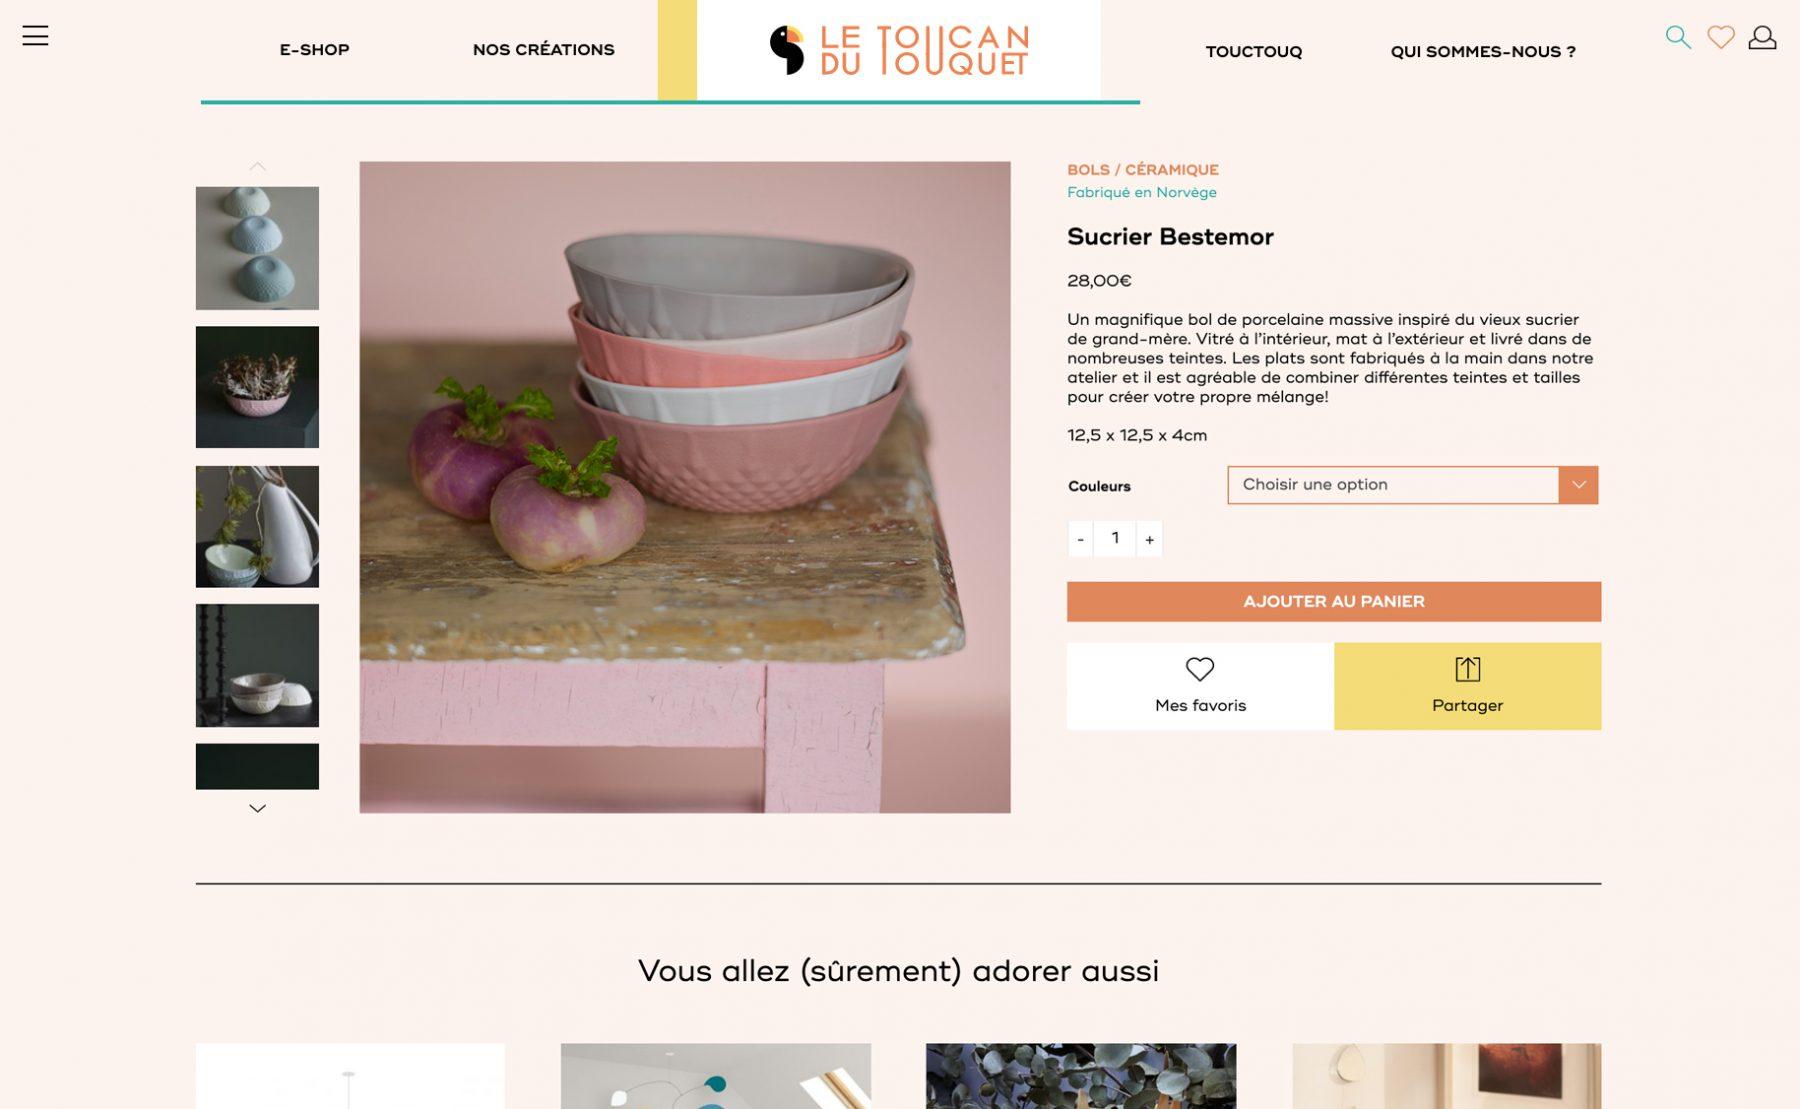 Ecran 2 du site Le toucan du Touquet